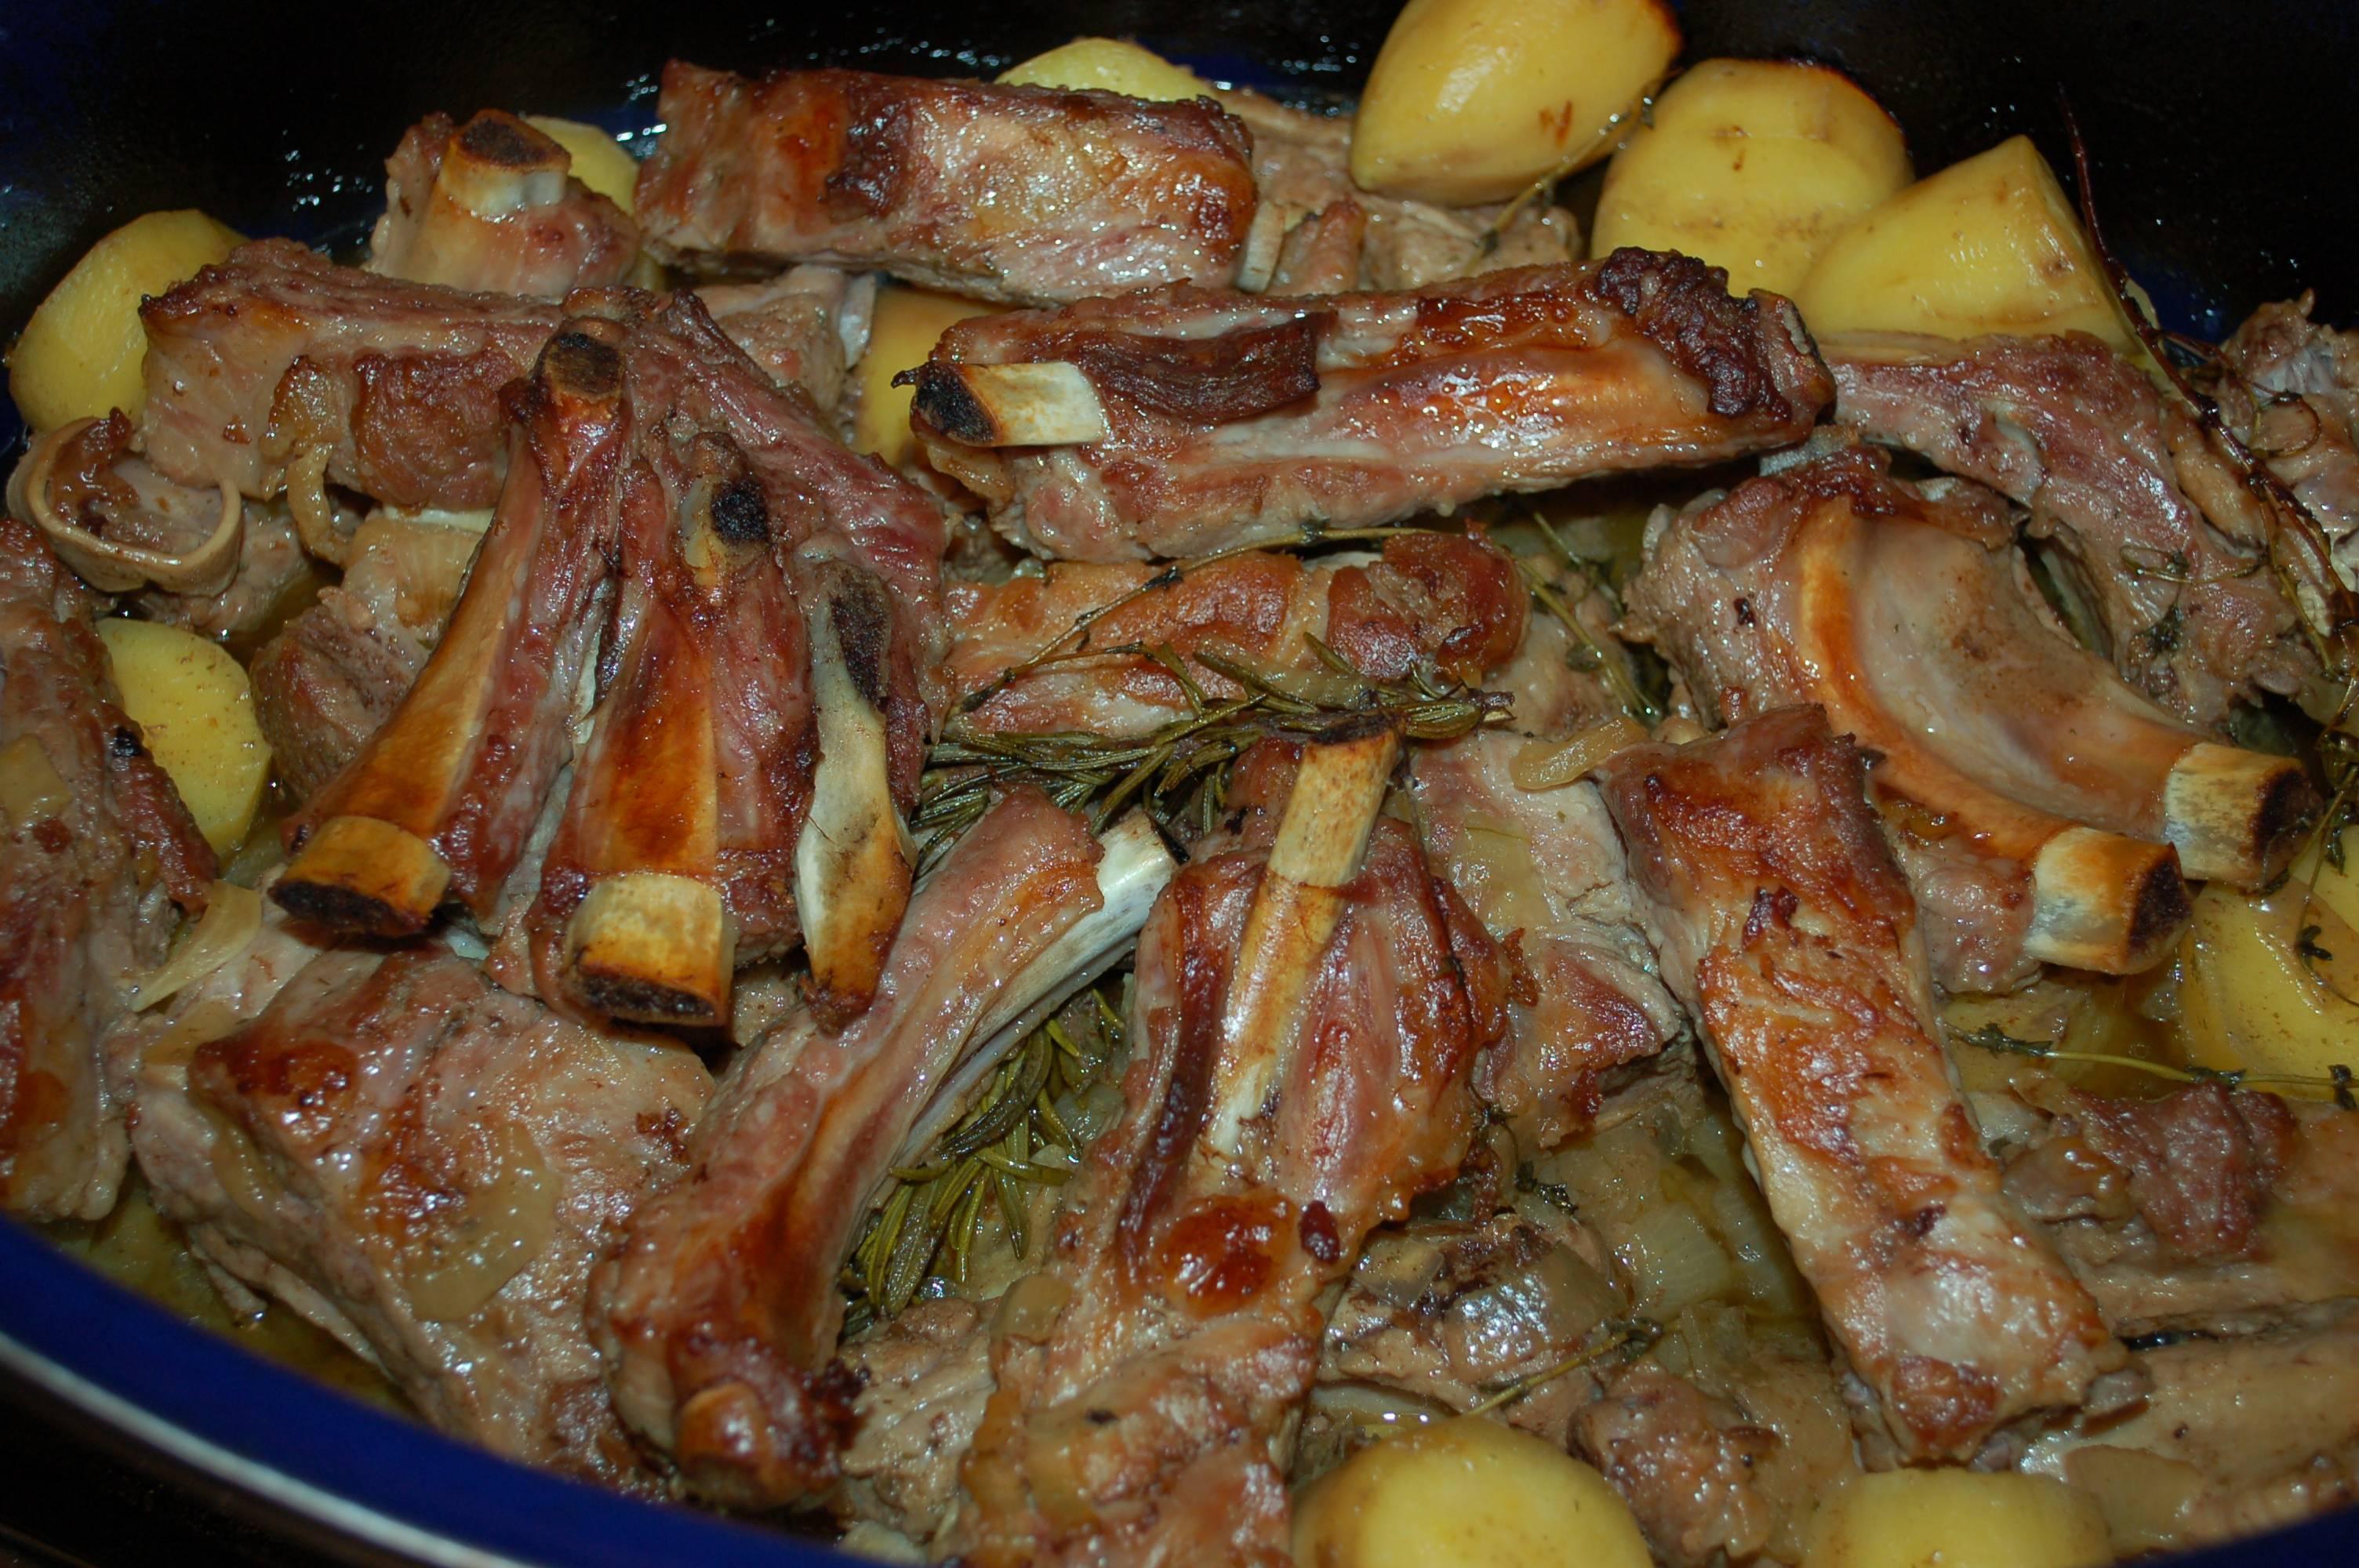 Рецепты мяса в красном и белом вине в духовке, мультиварке на сковороде. как замариновать мясо в вине, запечь и потушить: лучшие рецепты. тушеное мясо в красном вине.